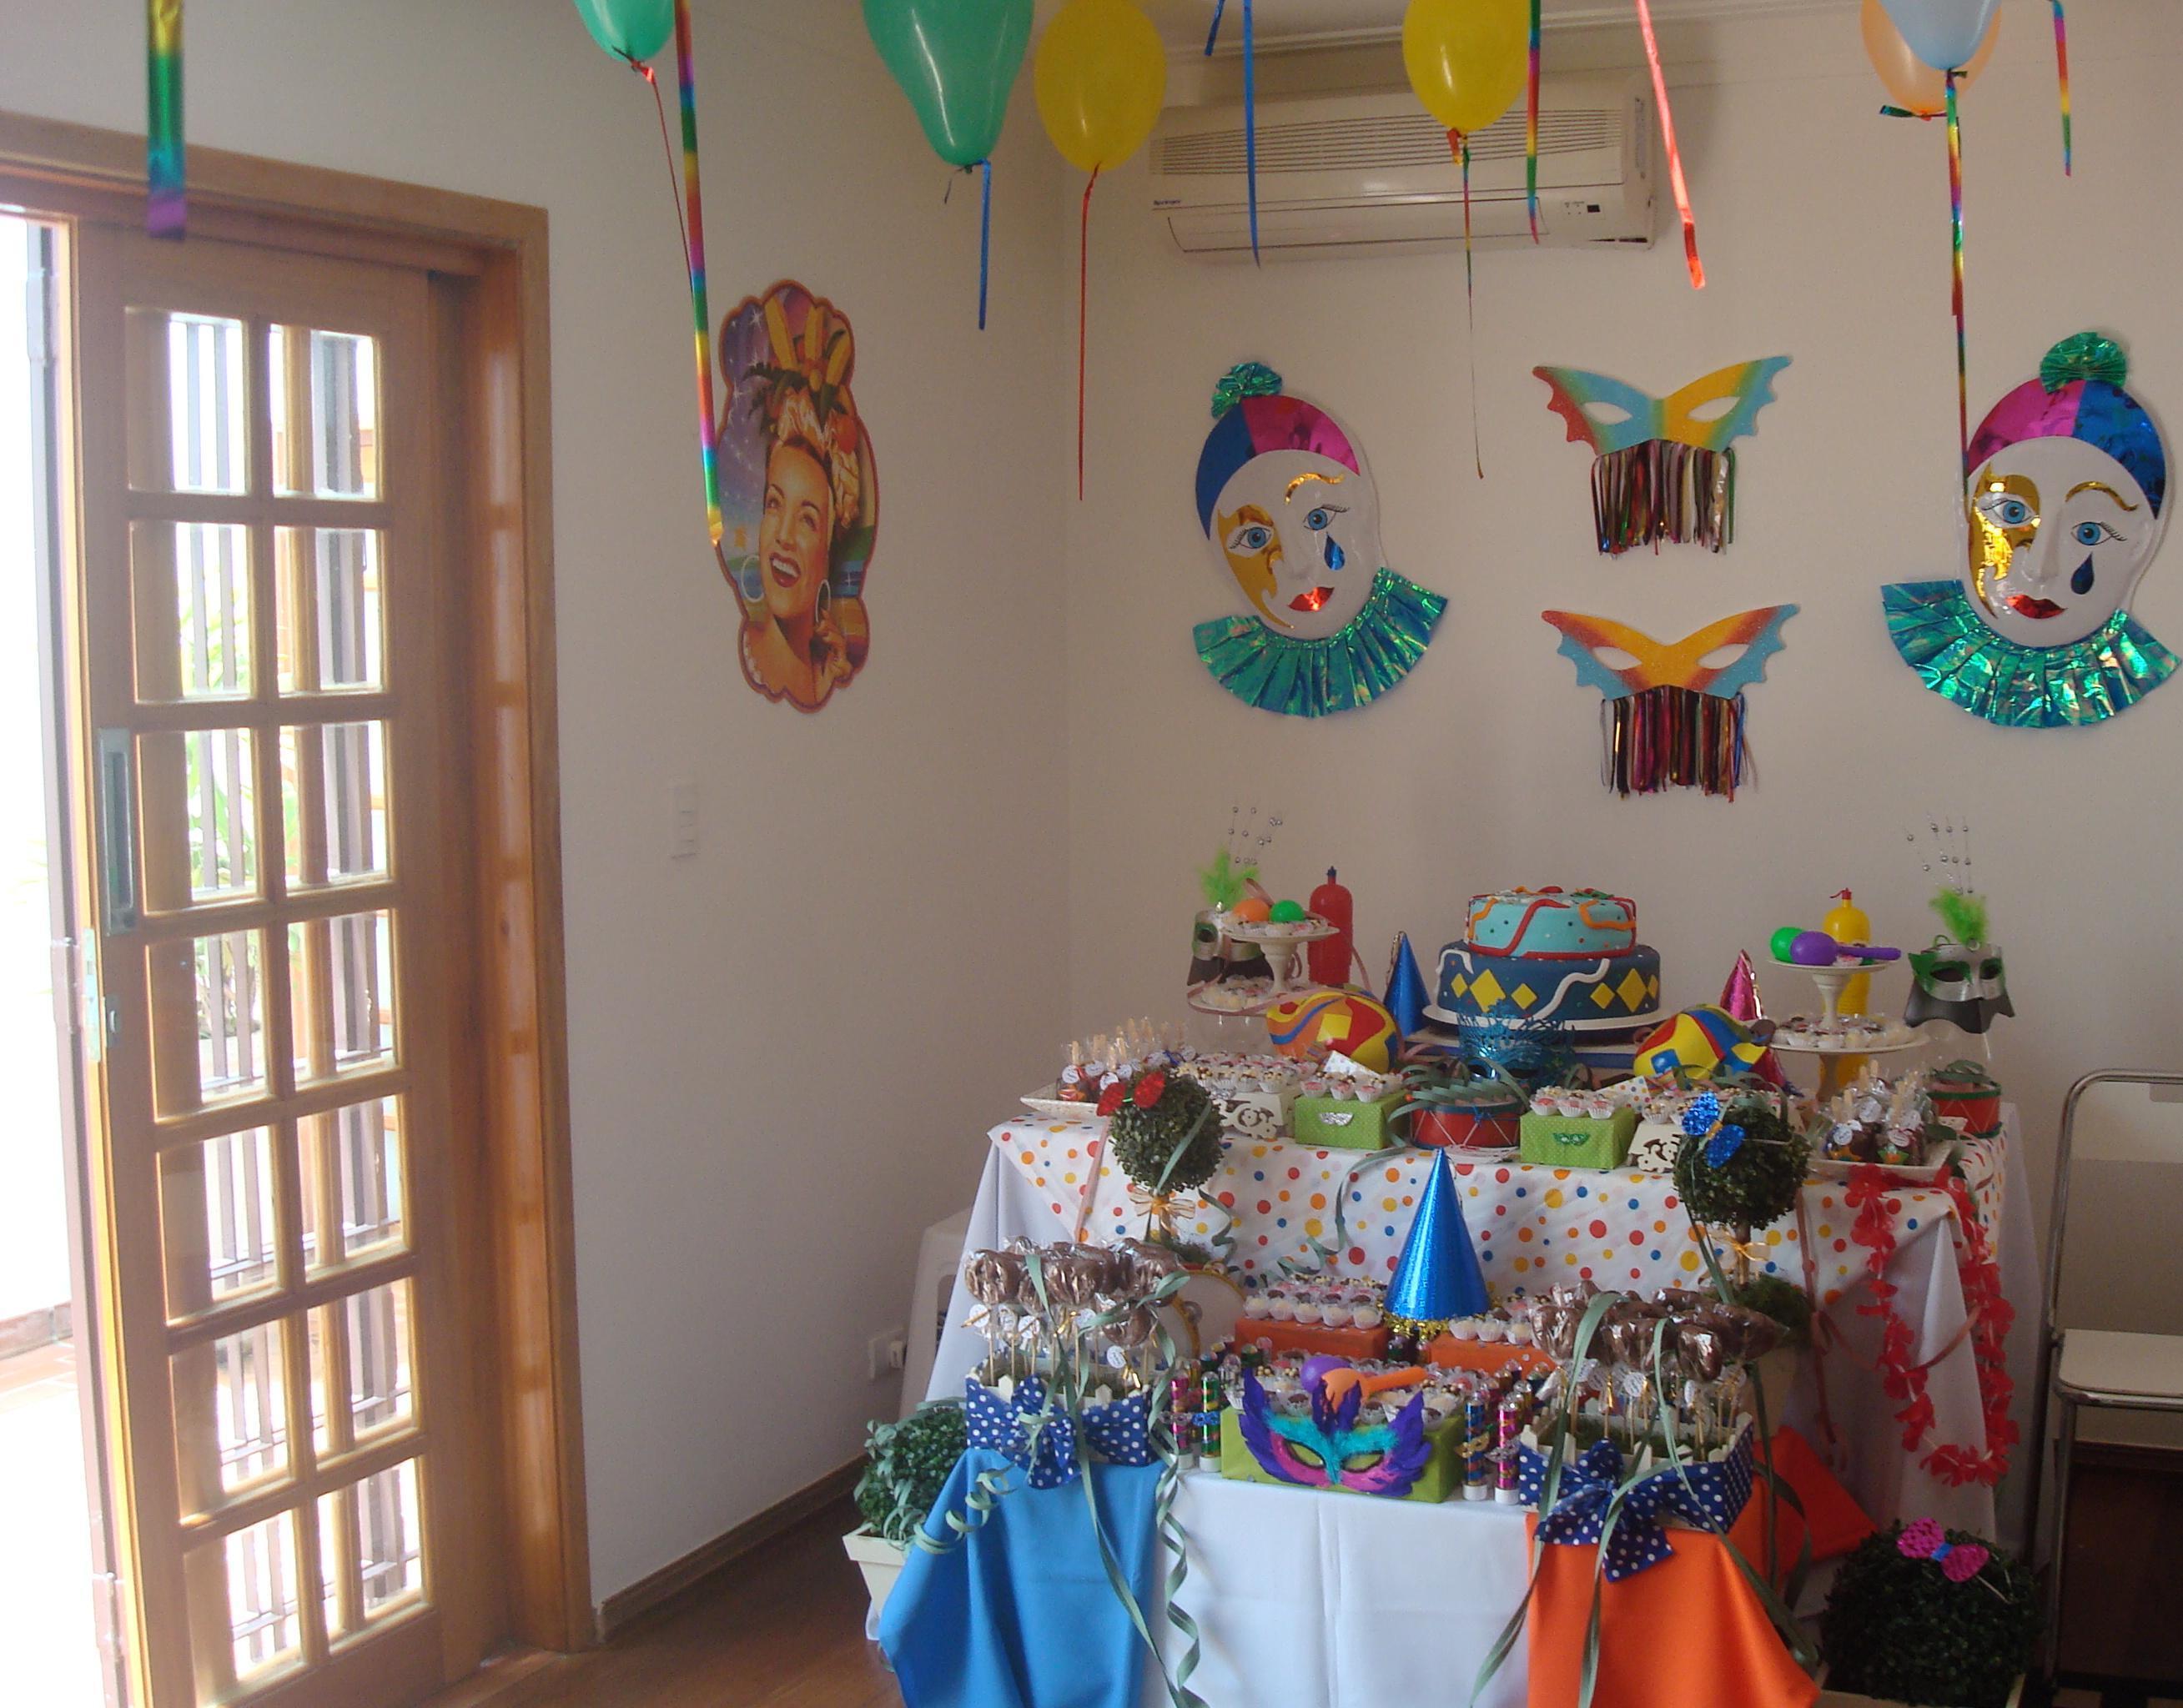 Locaç u00e3o de decoraç u00e3o de mesa Carnaval Caramelada Decorações Elo7 -> Decoração De Loja Carnaval